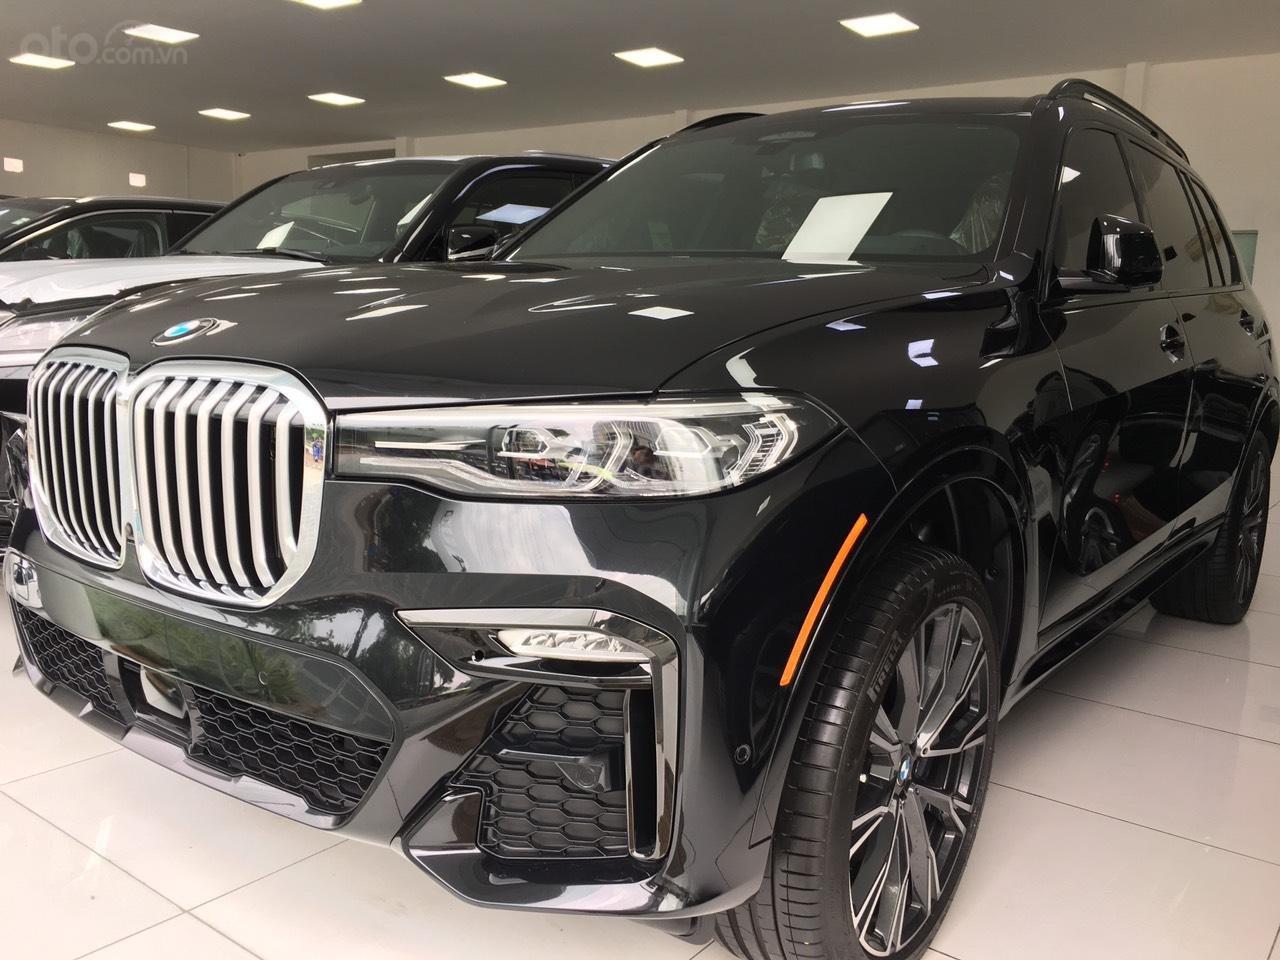 Bán BMW X7 xDrive 40i đời 2020, nhập Mỹ, giao ngay toàn quốc, giá tốt, LH 0945.39.2468 Ms Hương (6)